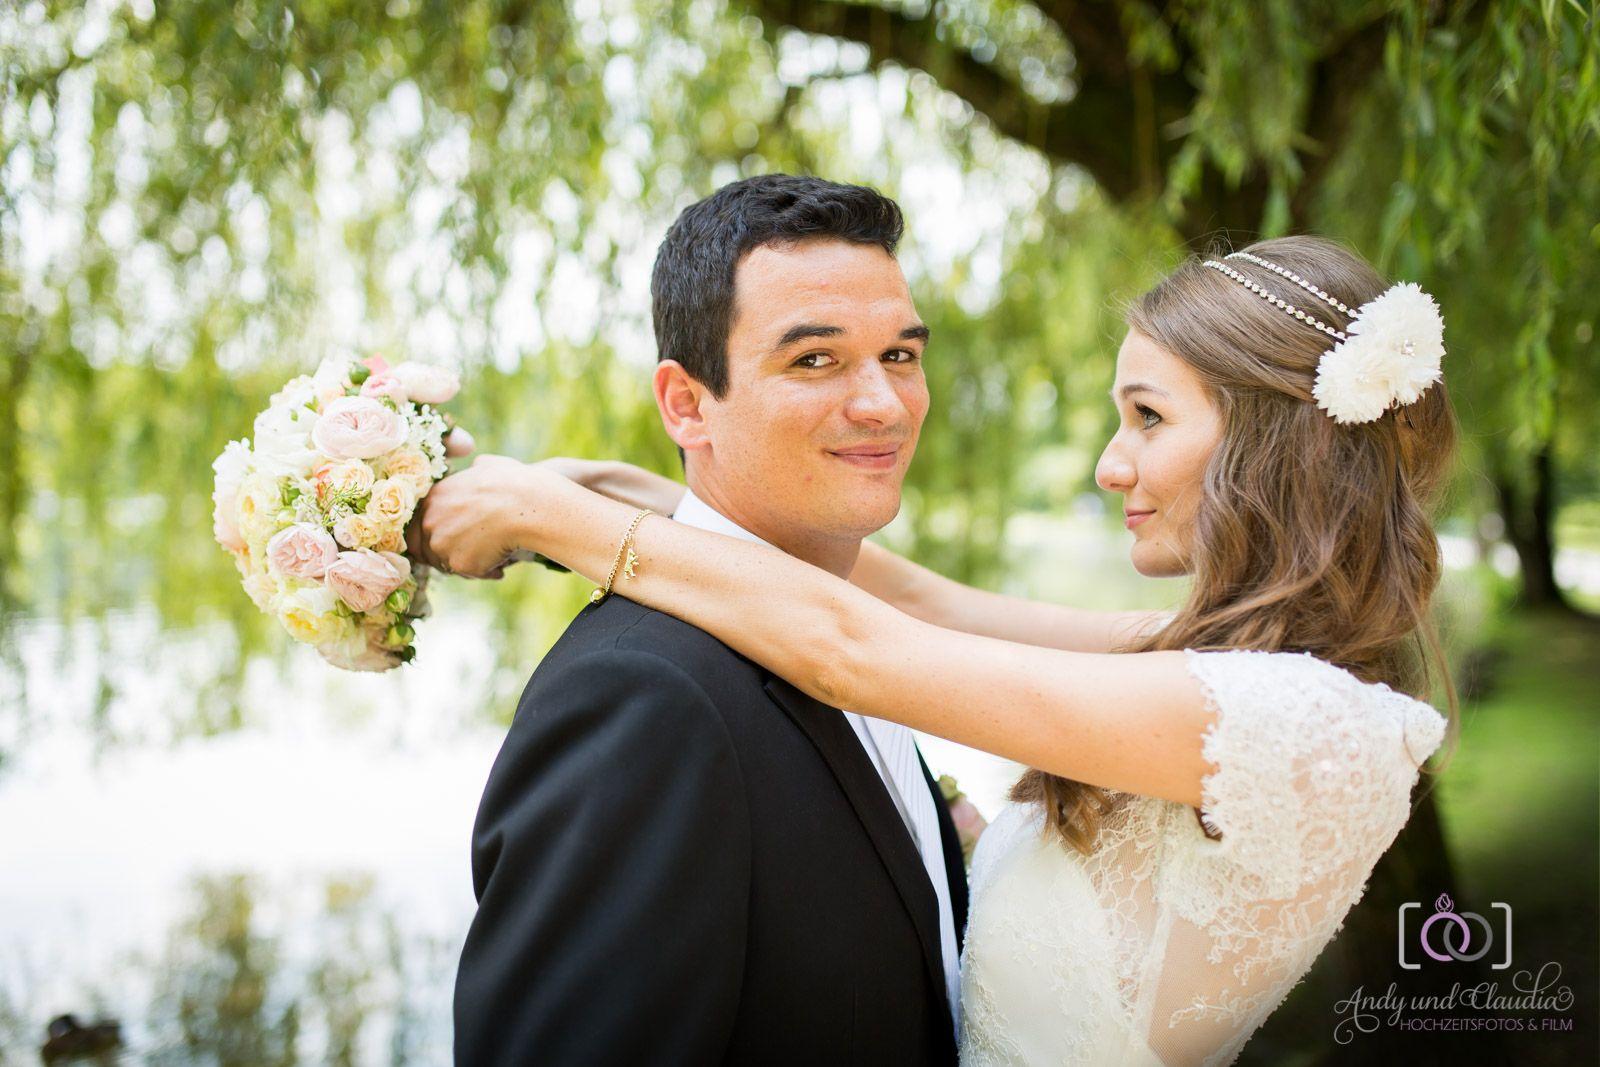 Hochzeitsfotos im Englischen Garten in München, nach standesamtlicher Trauung in der Mandelstraße